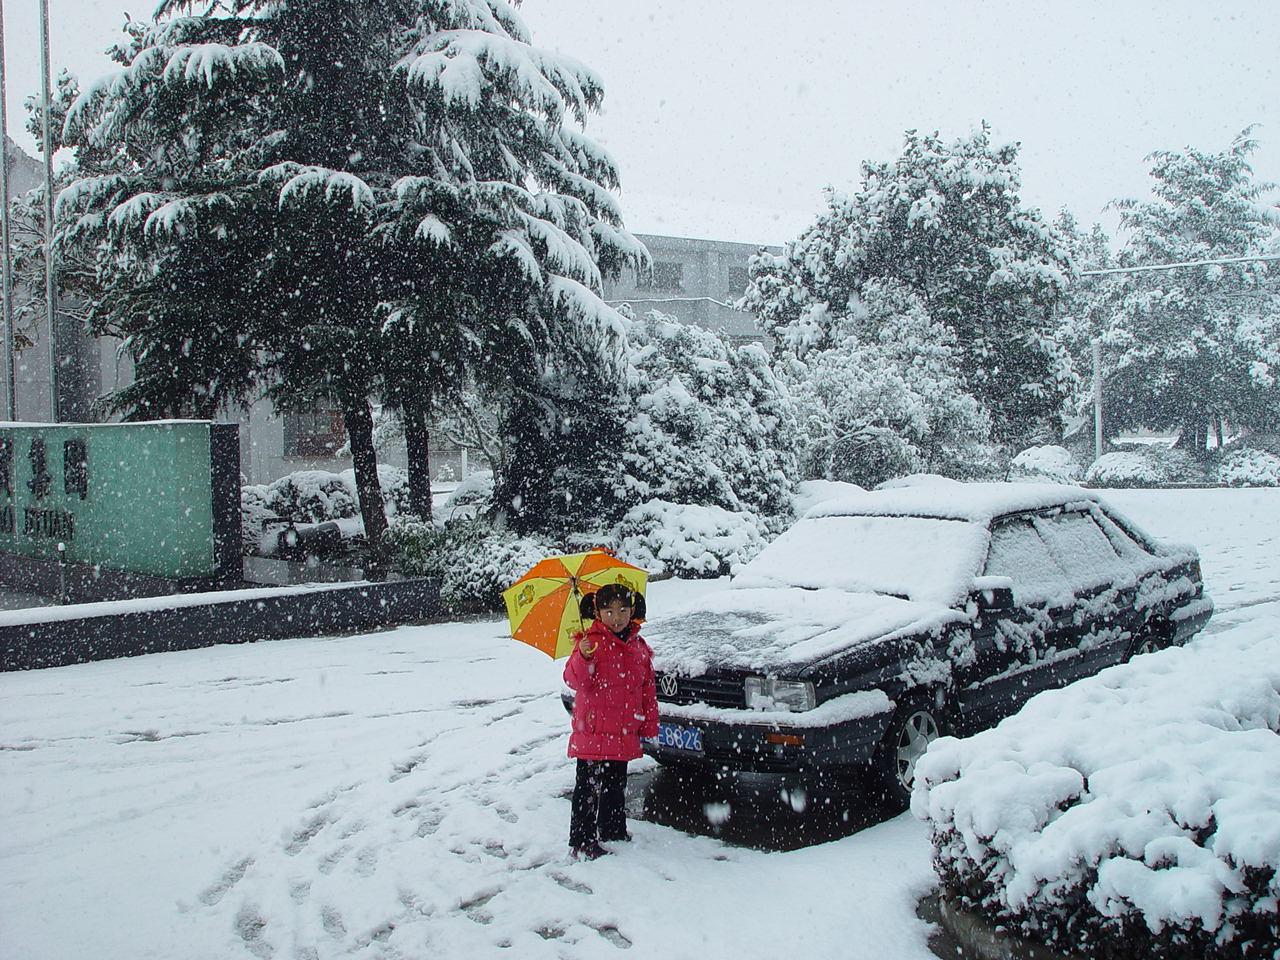 下雪啦【原】 - 金戈铁马 - 金戈铁马的博客